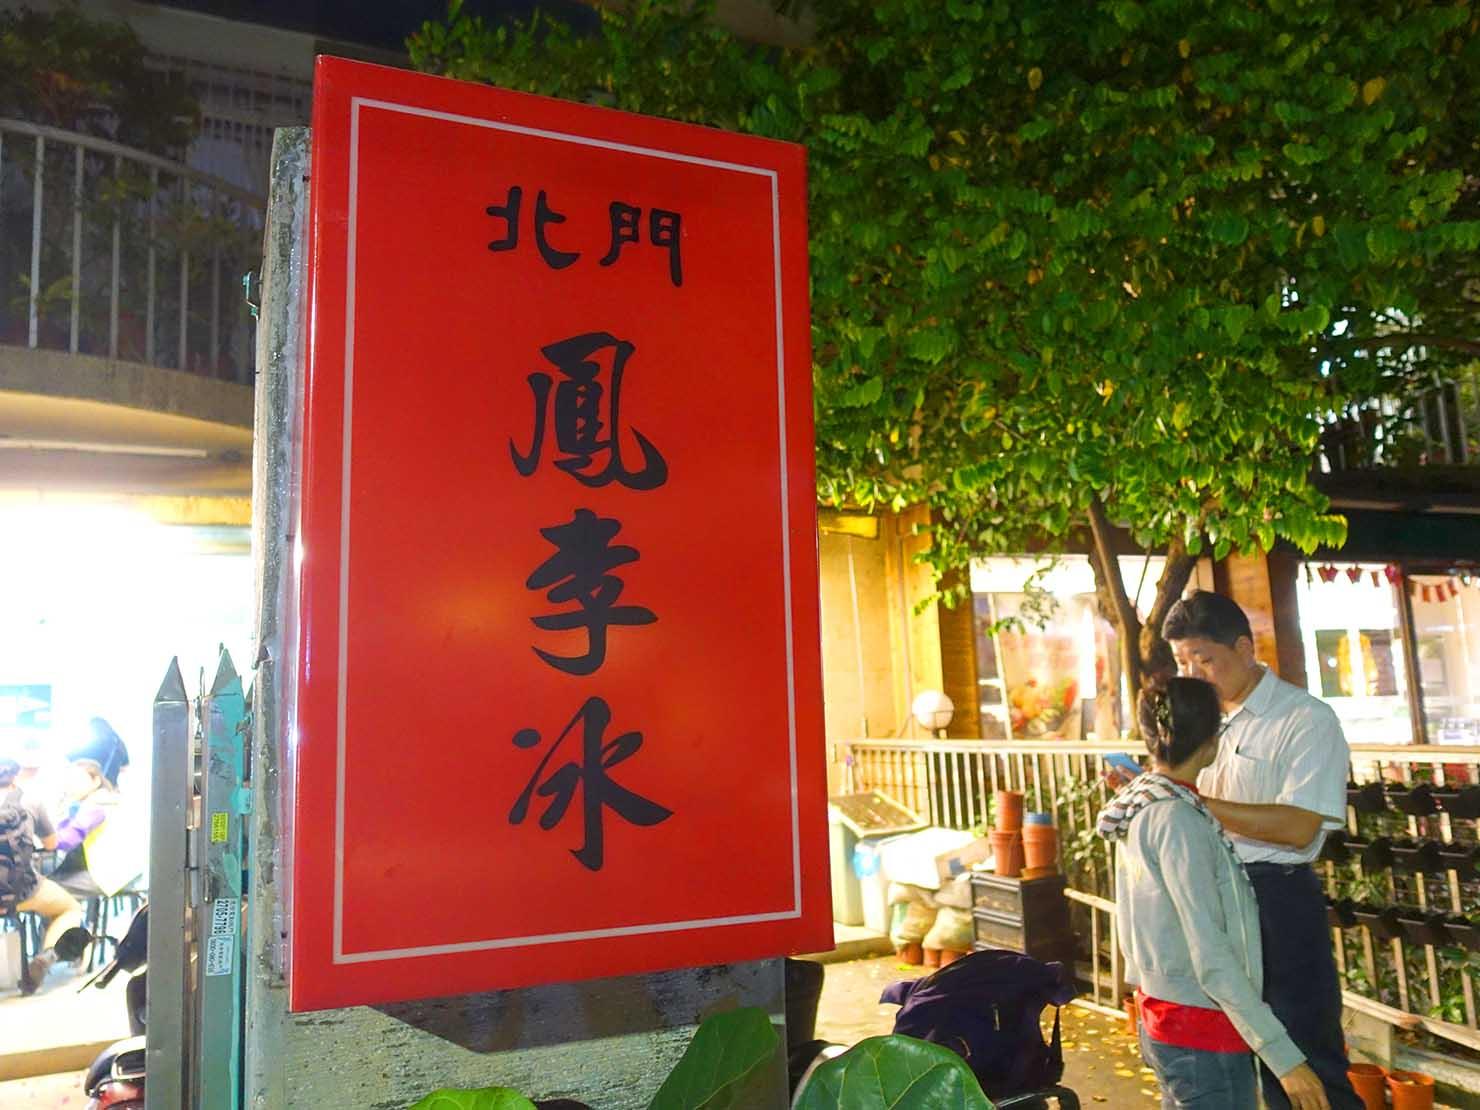 台北・忠孝敦化駅(東區)のおすすめスイーツ店「北門鳳李冰」の看板